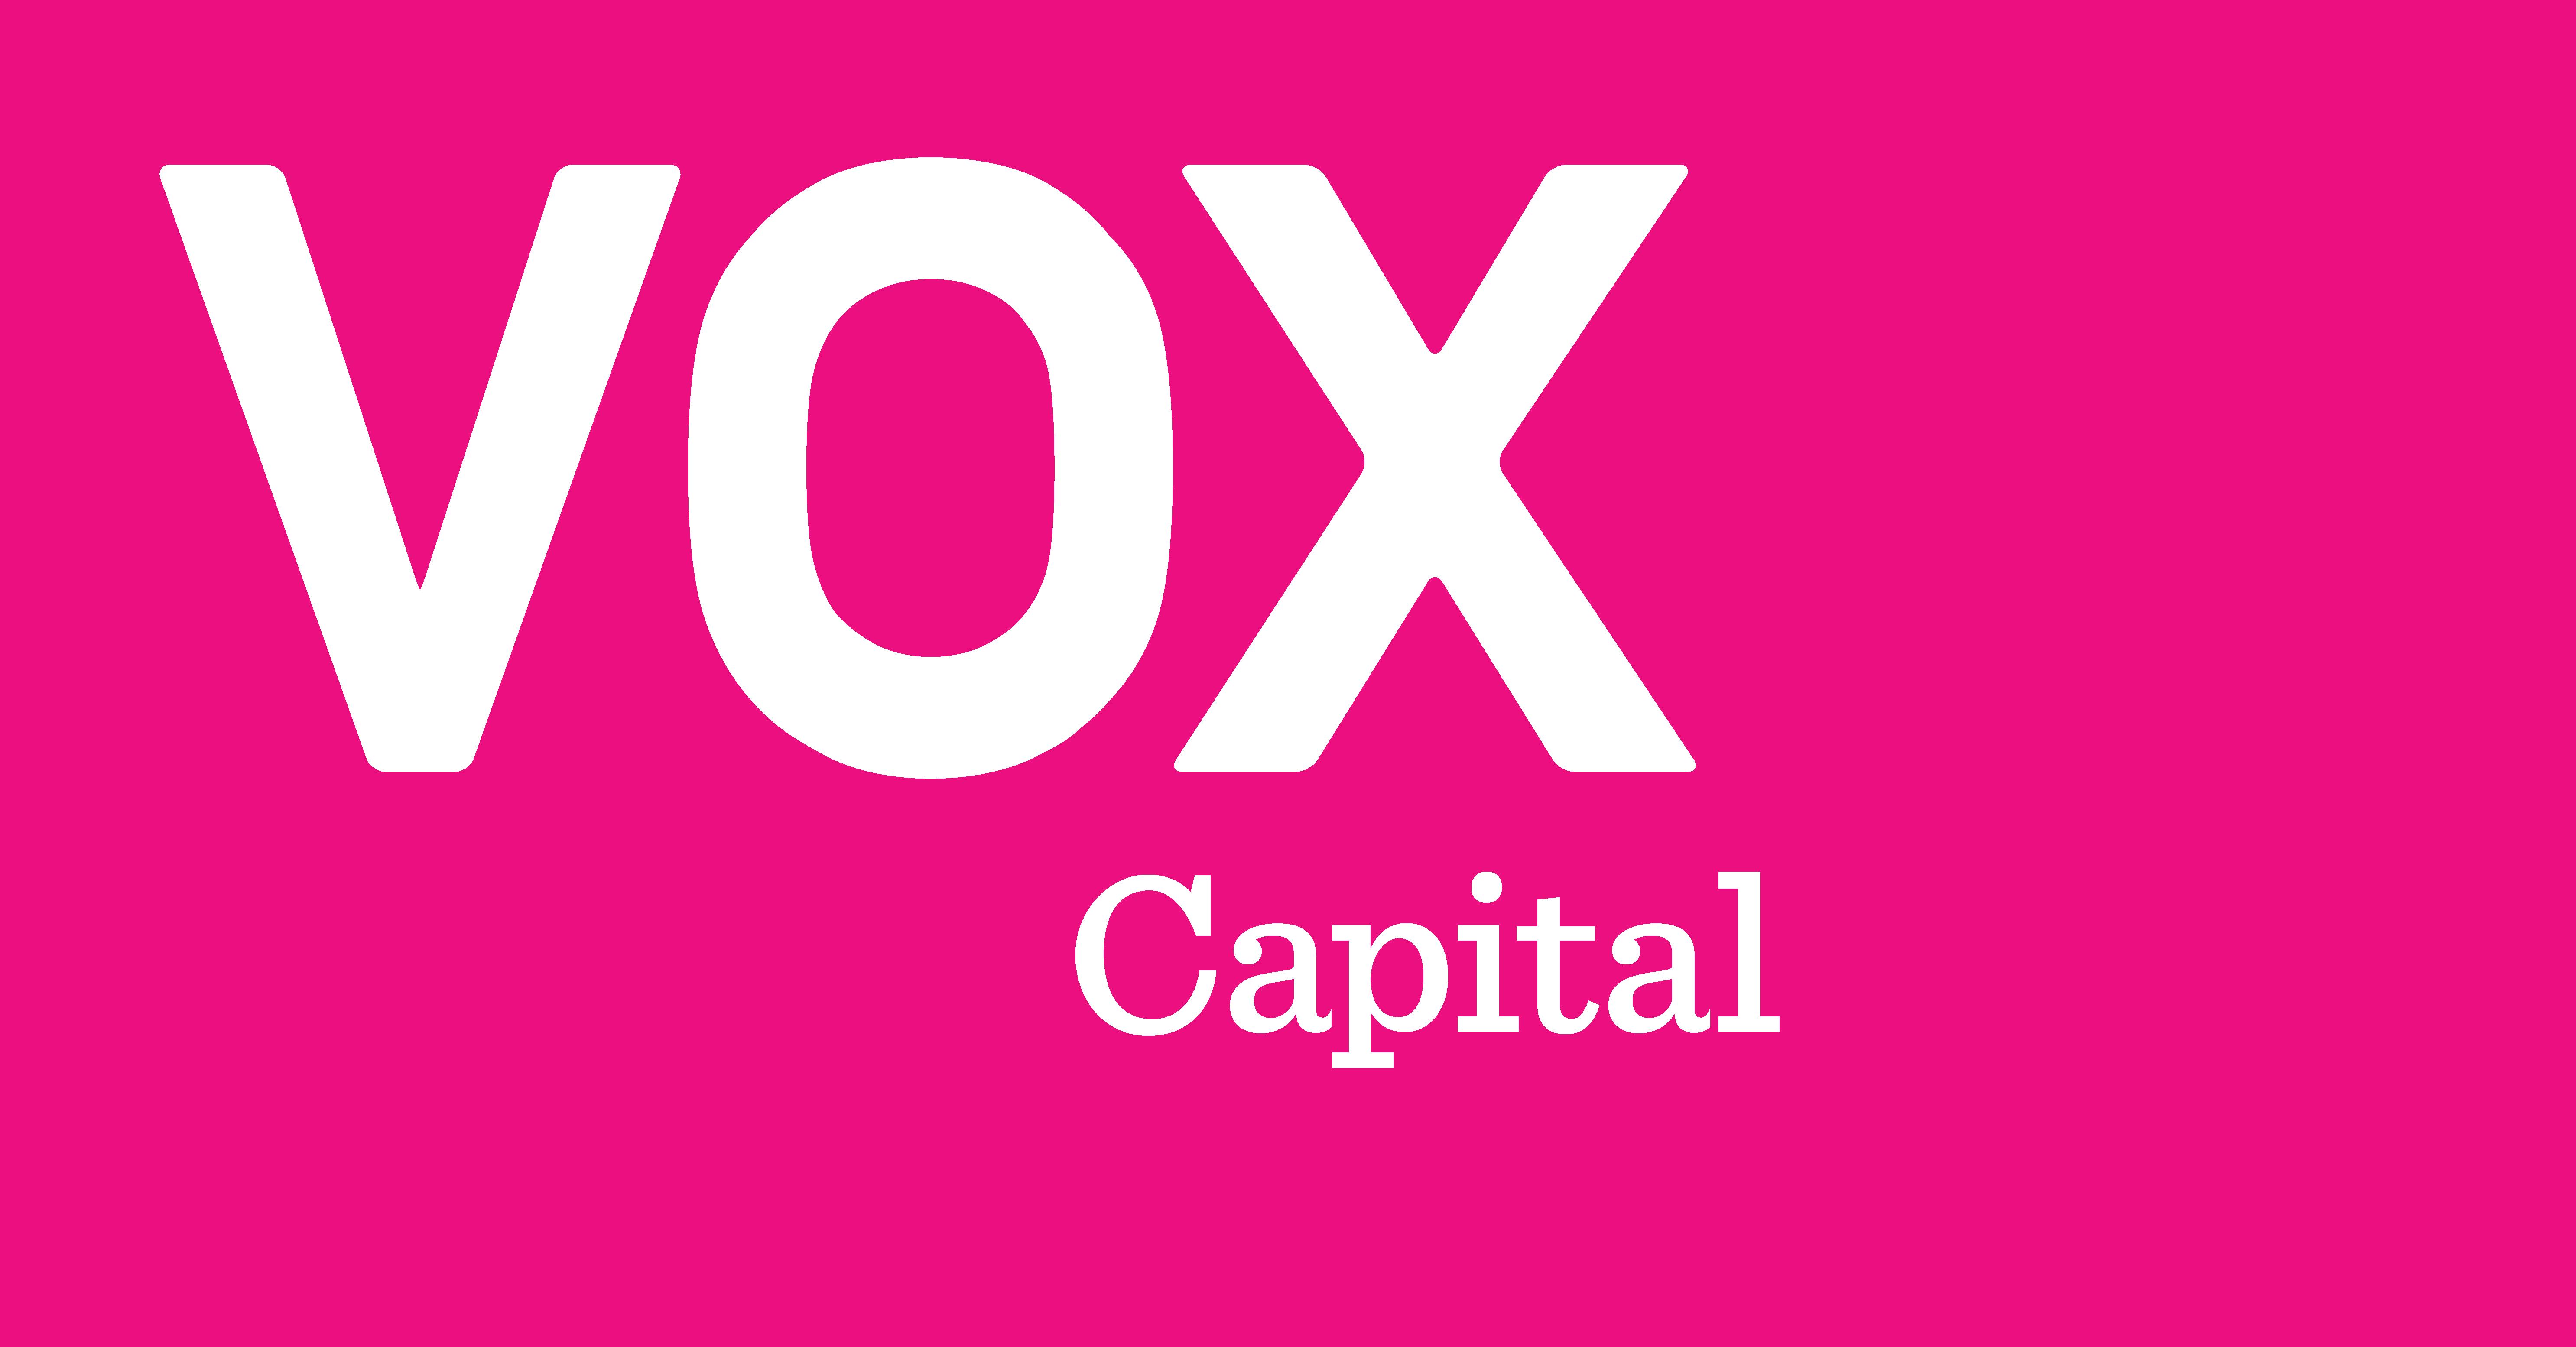 Vox_logo_Rosa (1)